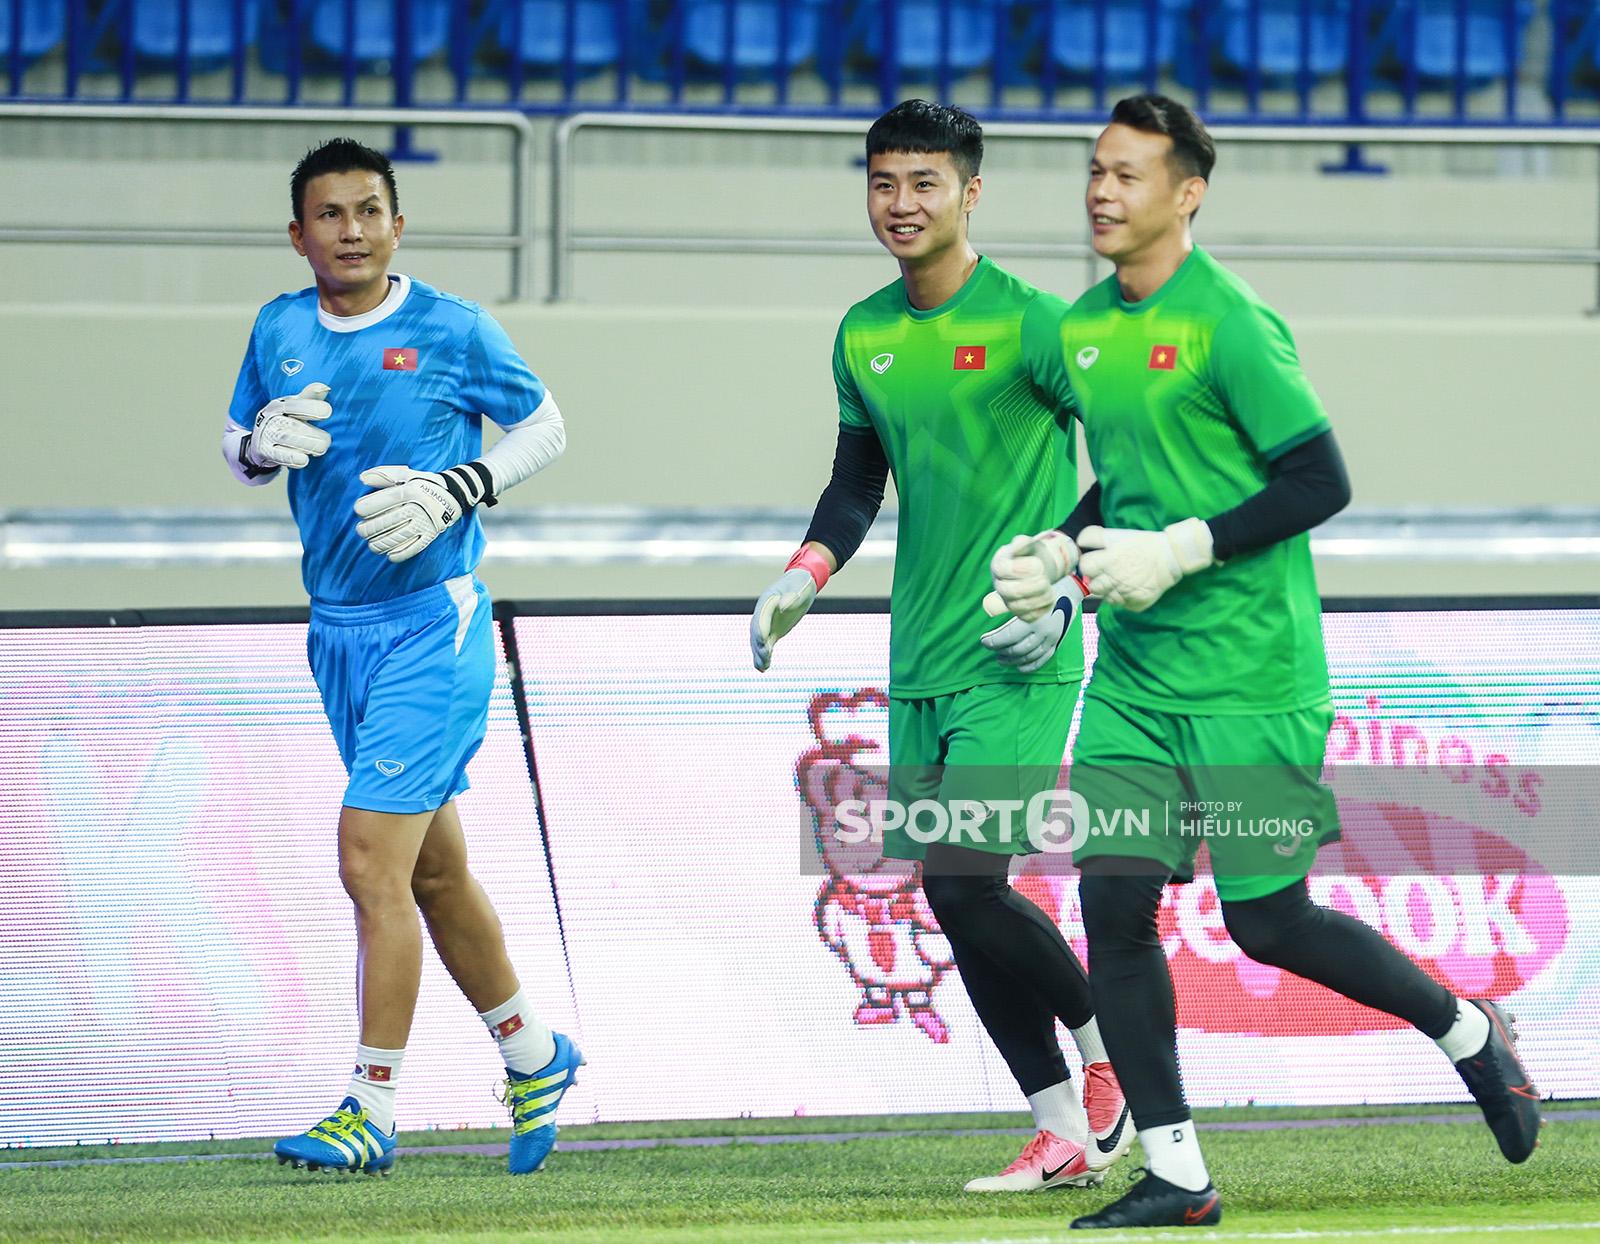 Tuyển Việt Nam trở lại nơi từng gây chấn động bóng đá châu Á 18 năm trước - Ảnh 2.